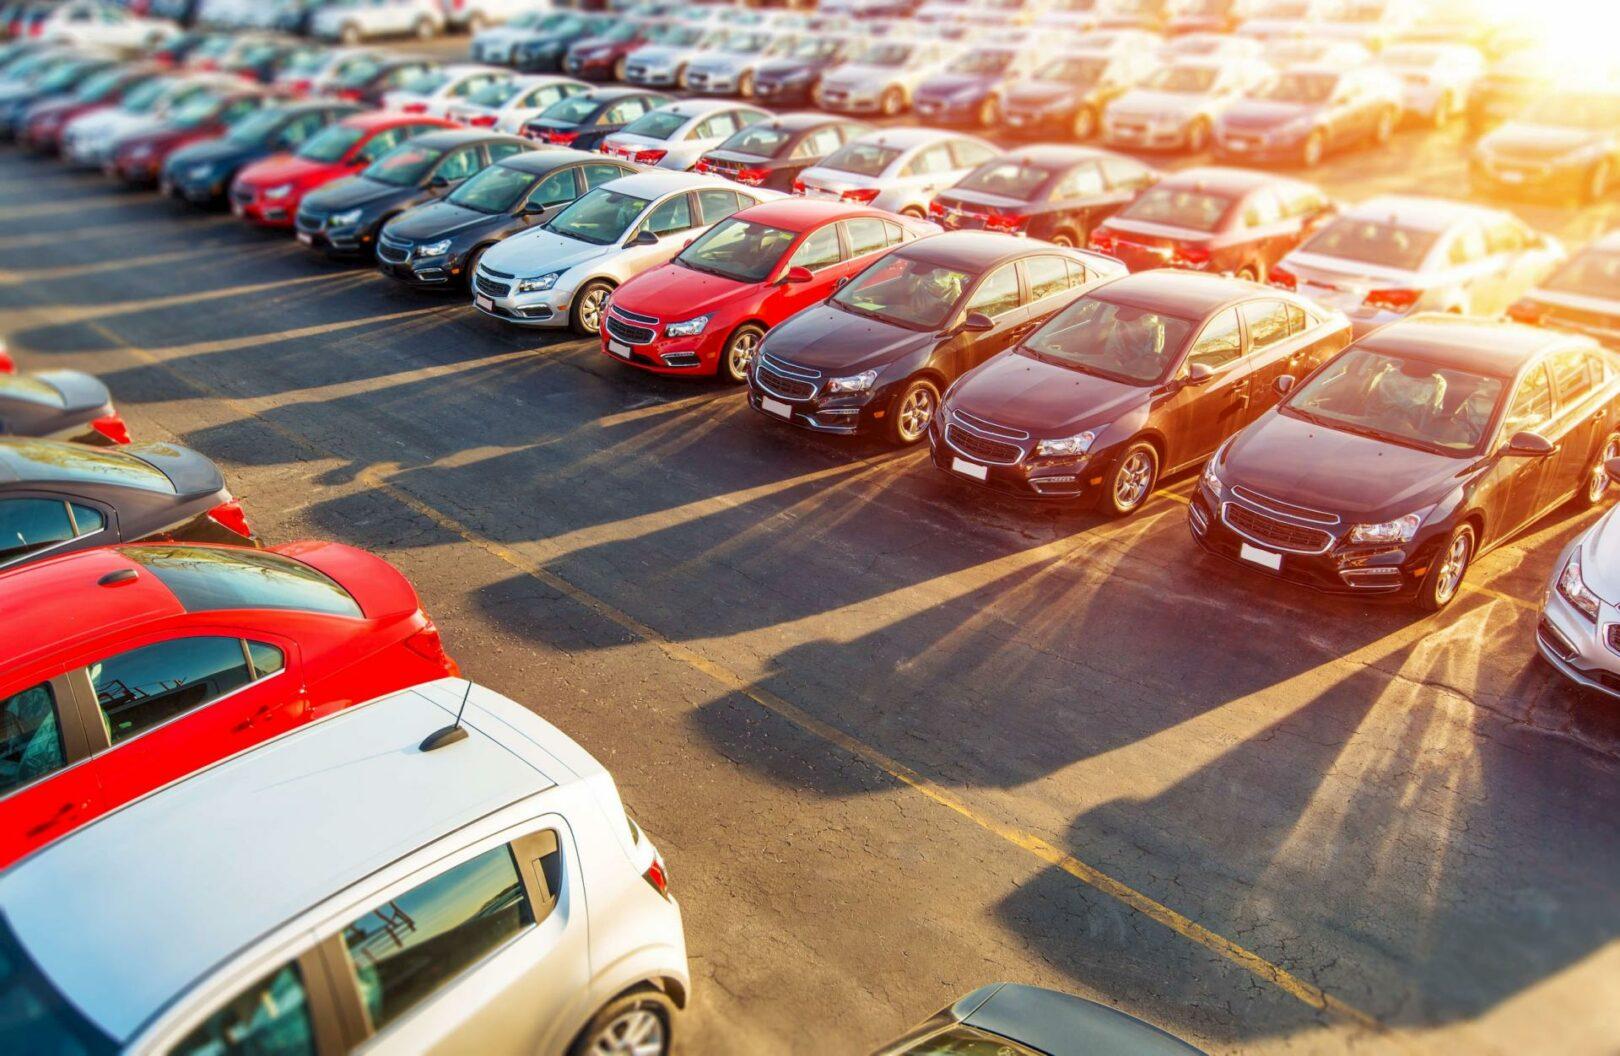 Gestão de estoque dos veículos: como manter o controle sobre isso?